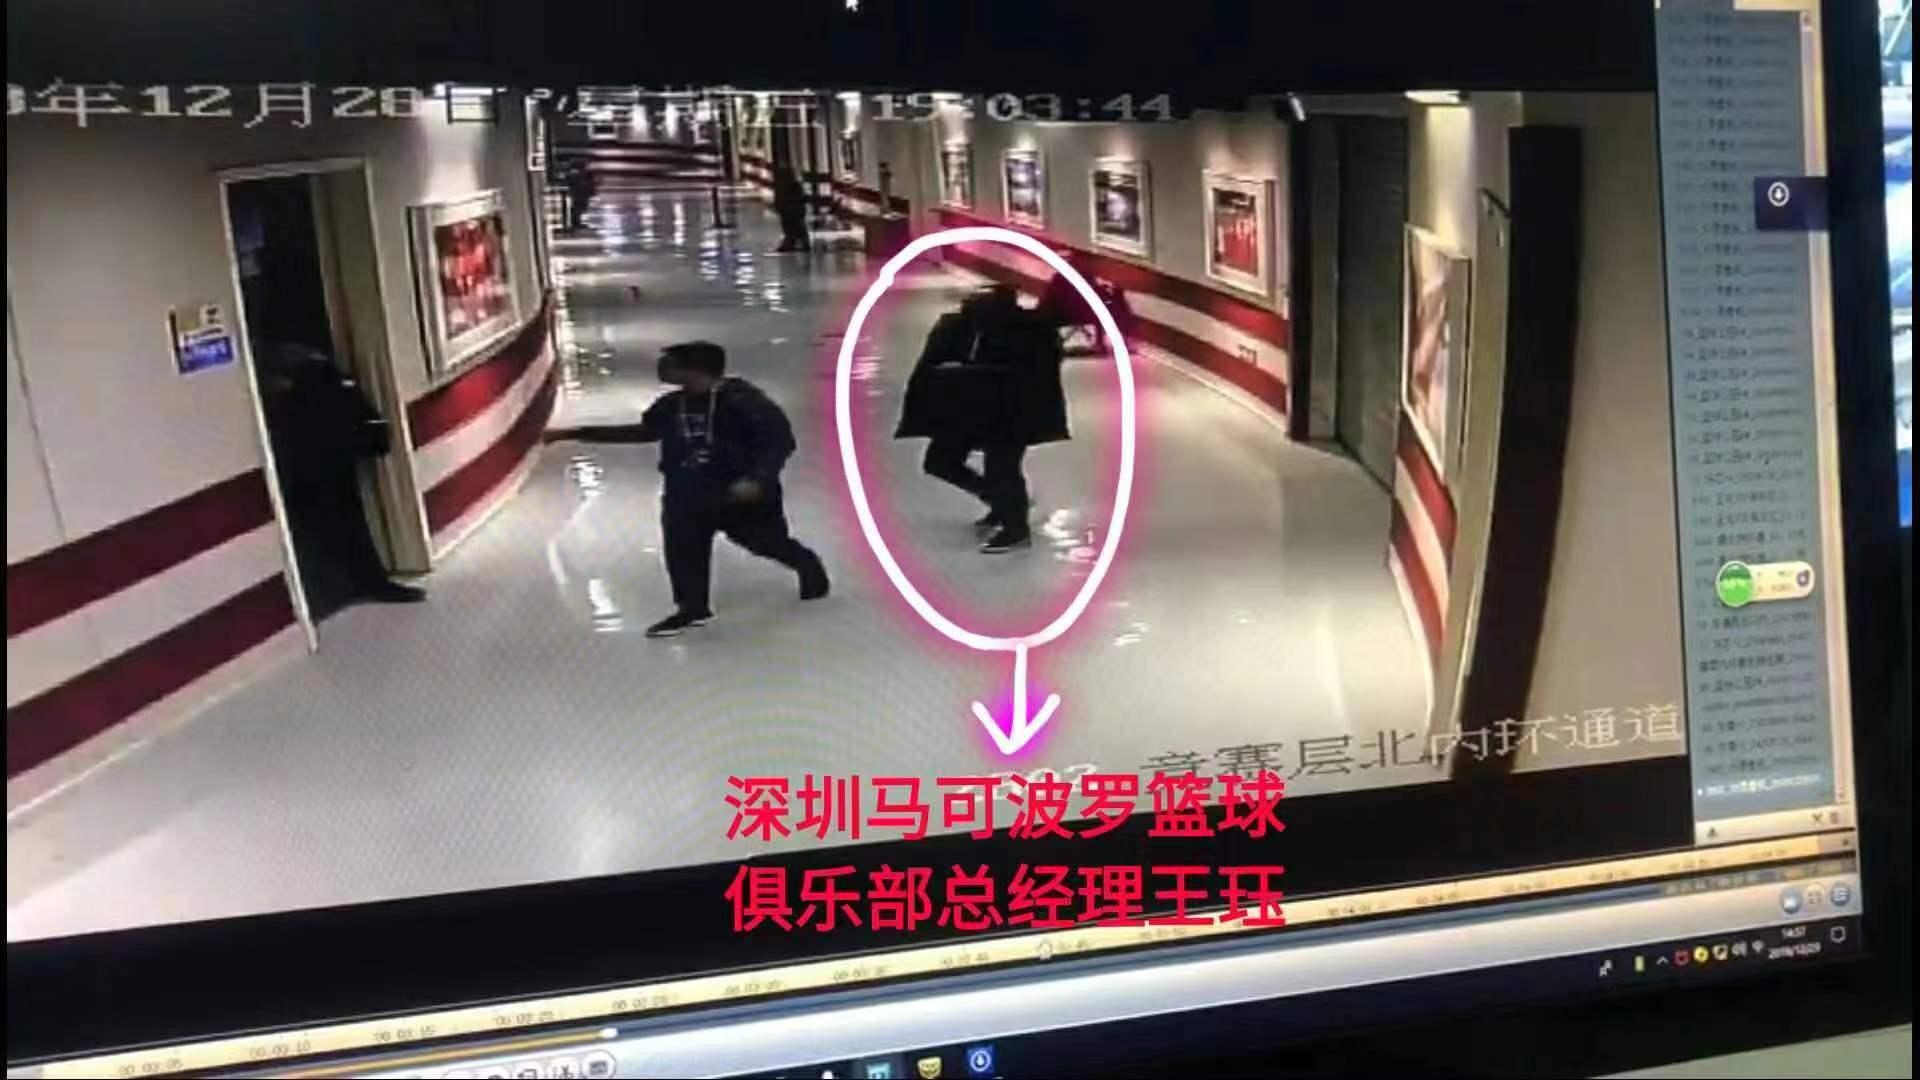 首钢投诉深圳总经理赛前接触联赛高层,还调了监控录像,深圳男篮:清者自清